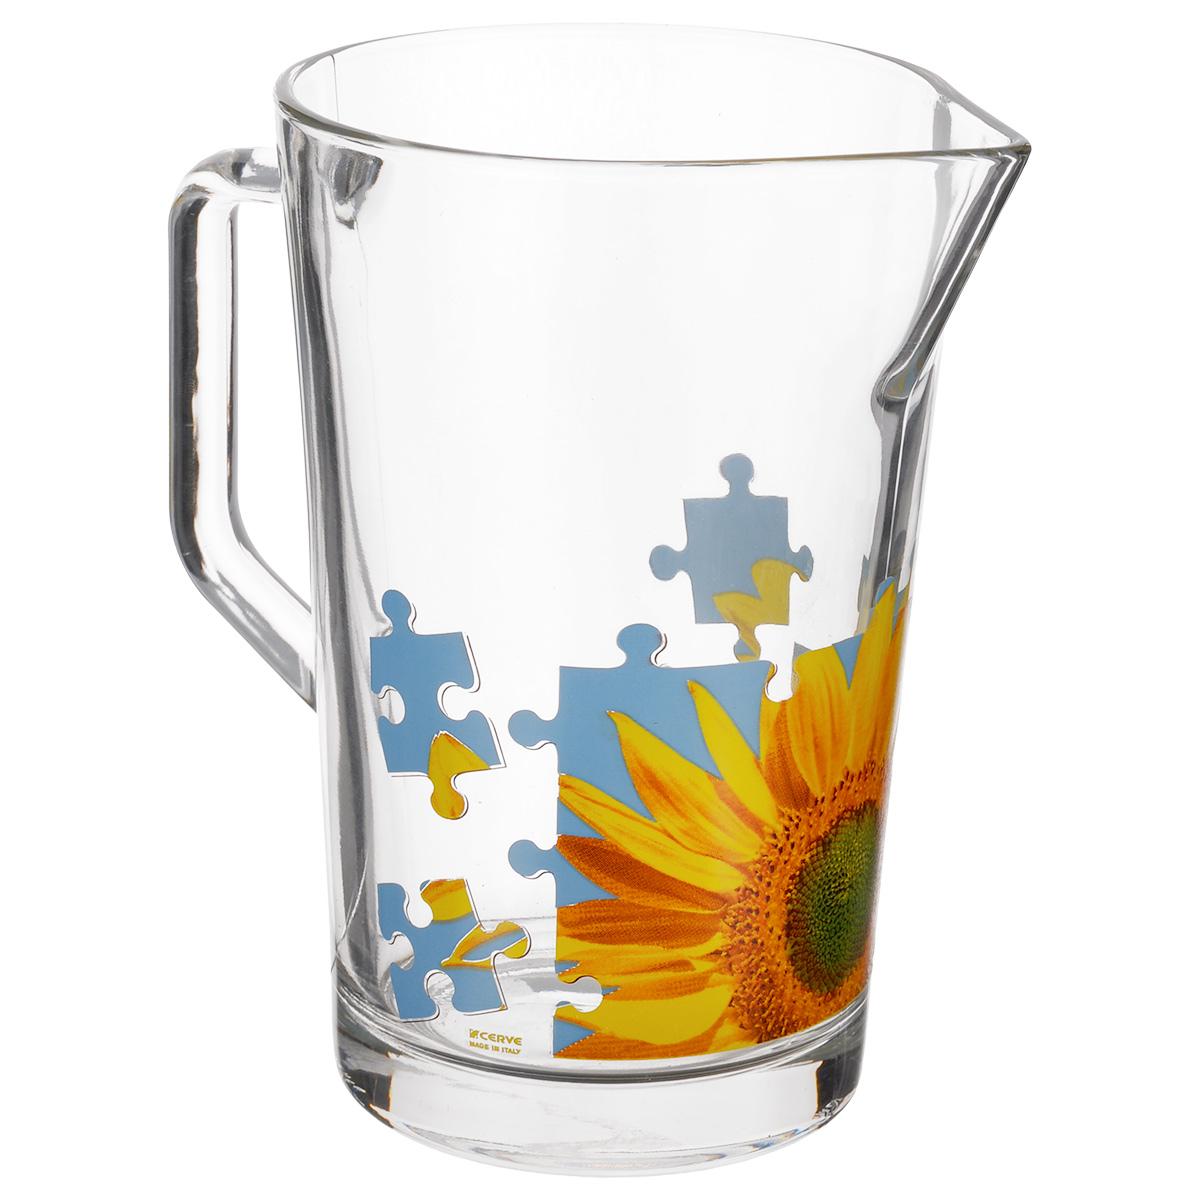 Кувшин Cerve Пазл Подсолнух, 1,3 лCEM42220Кувшин Cerve Пазл Подсолнух, выполненный из высококачественного стекла, оформлен изображением подсолнуха в виде пазла. Он оснащен удобной ручкой и прост в использовании, достаточно просто наклонить его и налить ваш любимый напиток. Изделие прекрасно подойдет для подачи воды, сока, компота и других напитков.Кувшин Cerve Пазл Подсолнух дополнит интерьер вашей кухни и станет замечательным подарком к любому празднику. Диаметр (по верхнему краю): 11,5 см. Высота кувшина: 18 см.